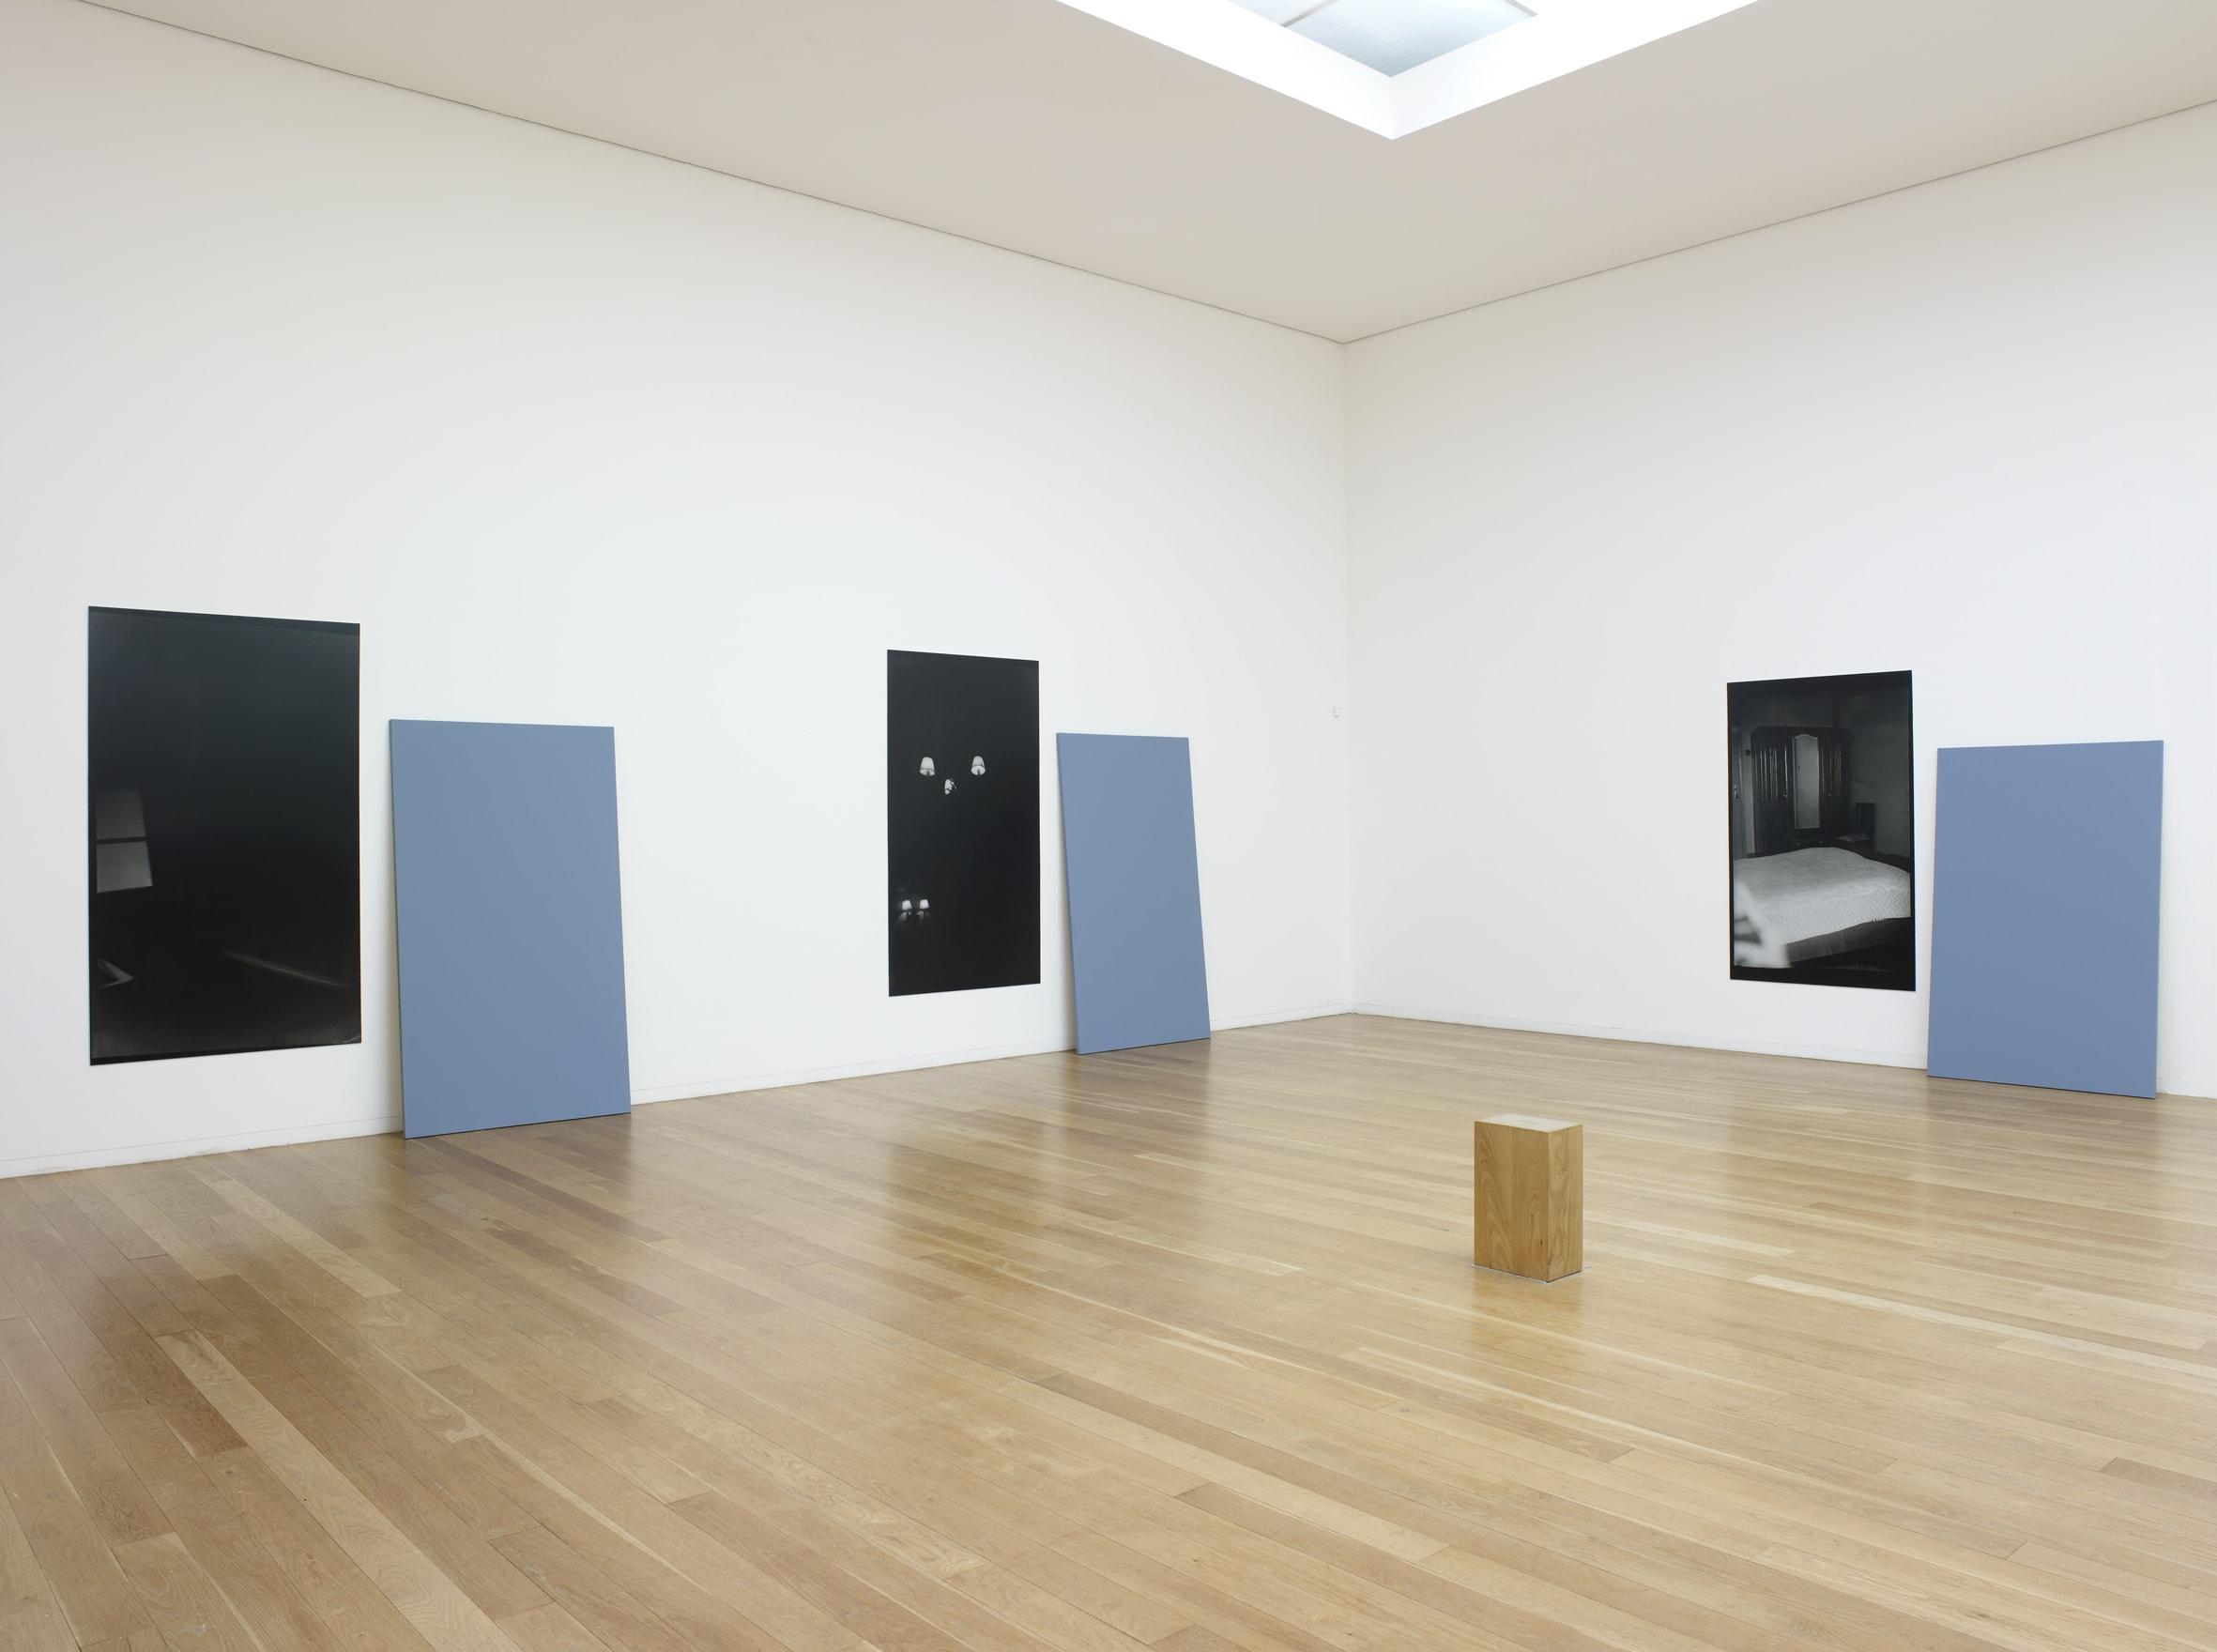 Julião Sarmento White Nights, A Retrospective